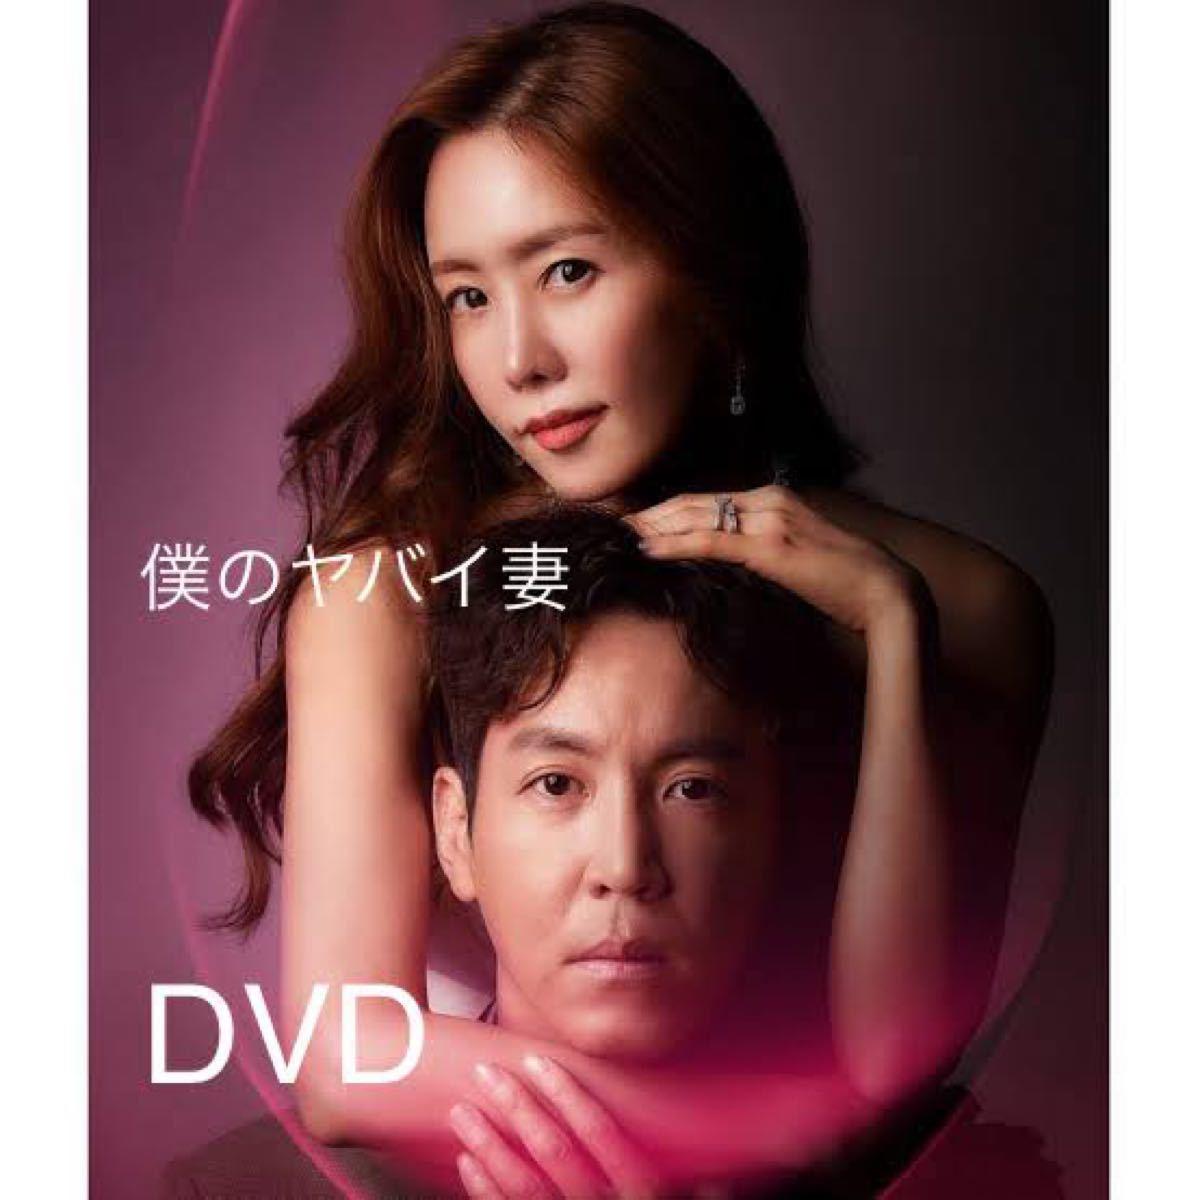 韓国ドラマ 僕のヤバイ妻 DVD『レーベル印刷有り』全話